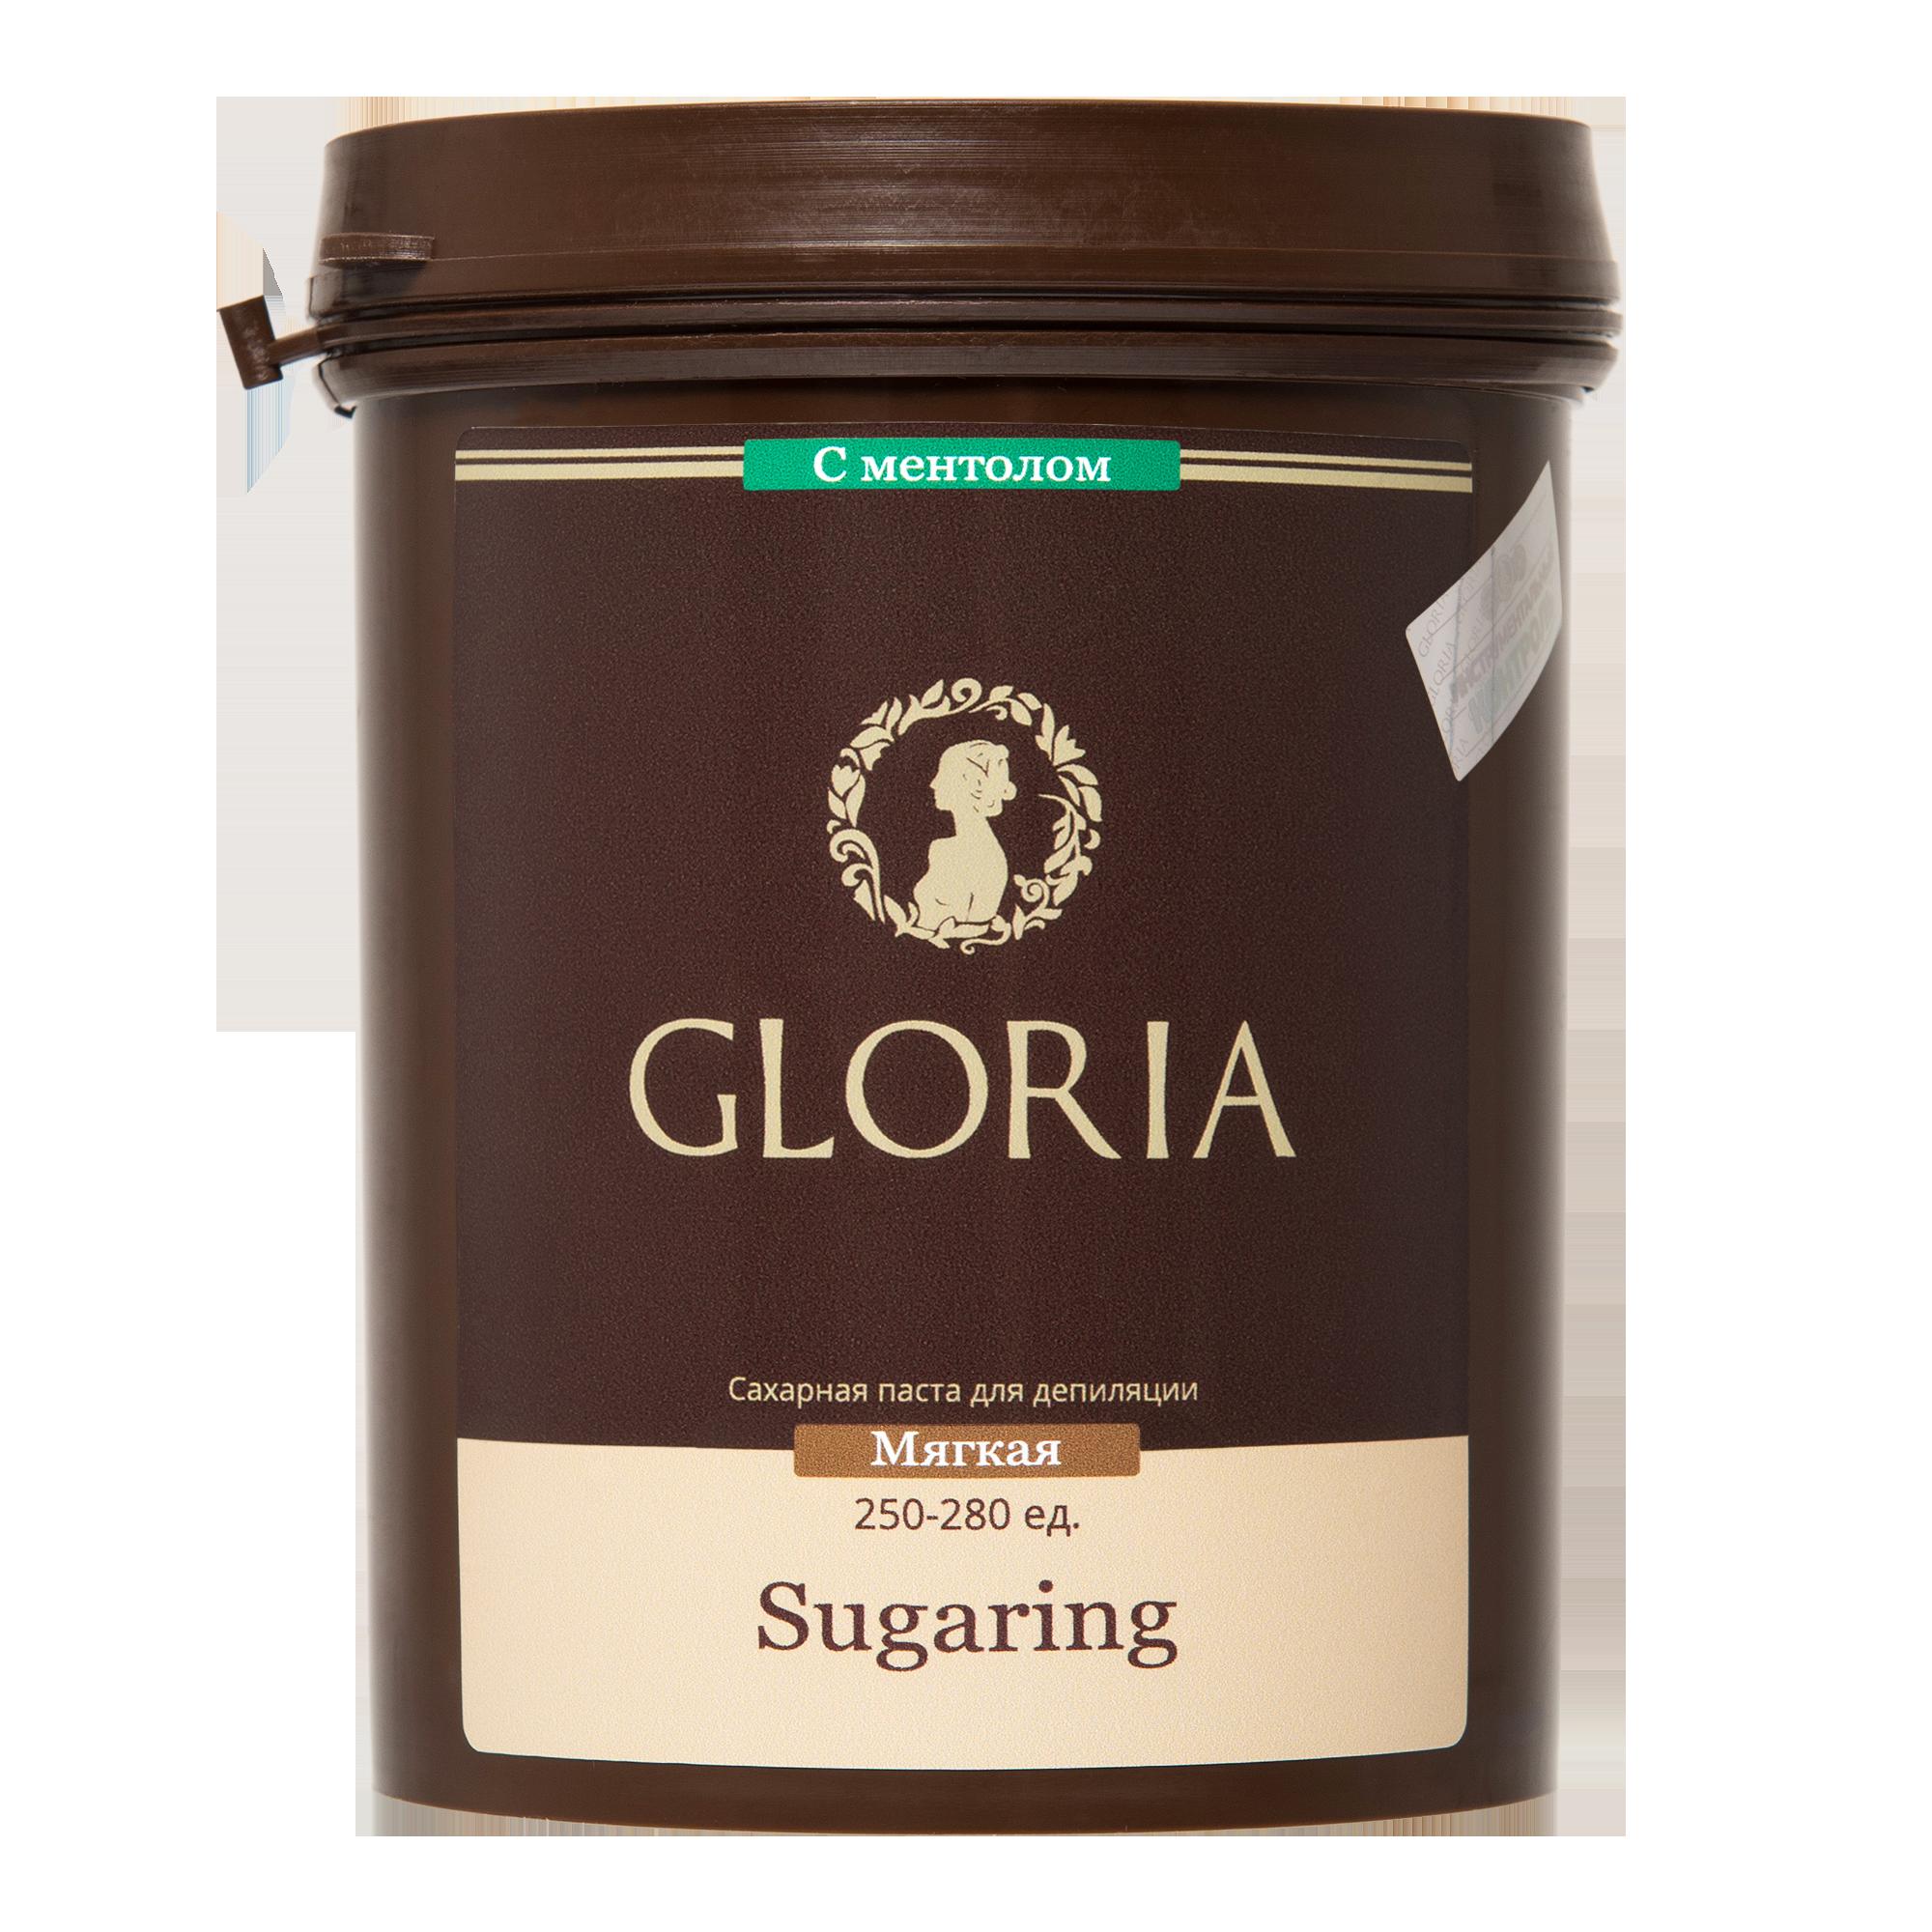 GLORIA Паста сахарная для депиляции мягкая с ментолом / GLORIA, 1,8 кг